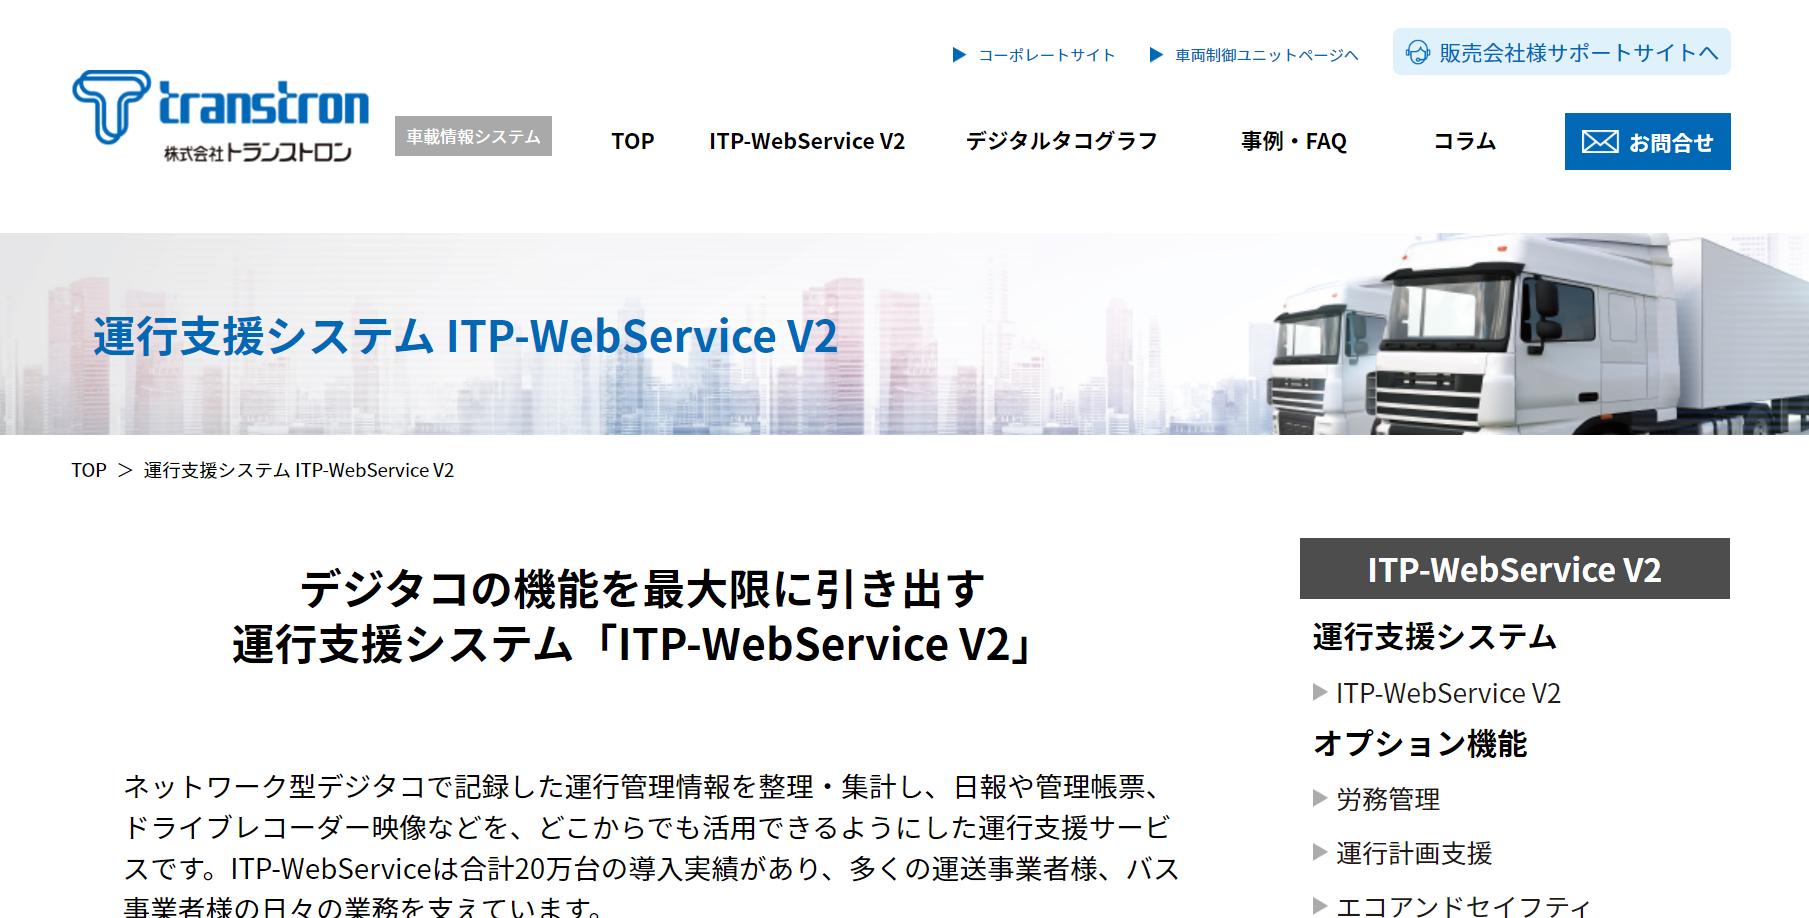 運行支援システム「ITP-WebService V2」